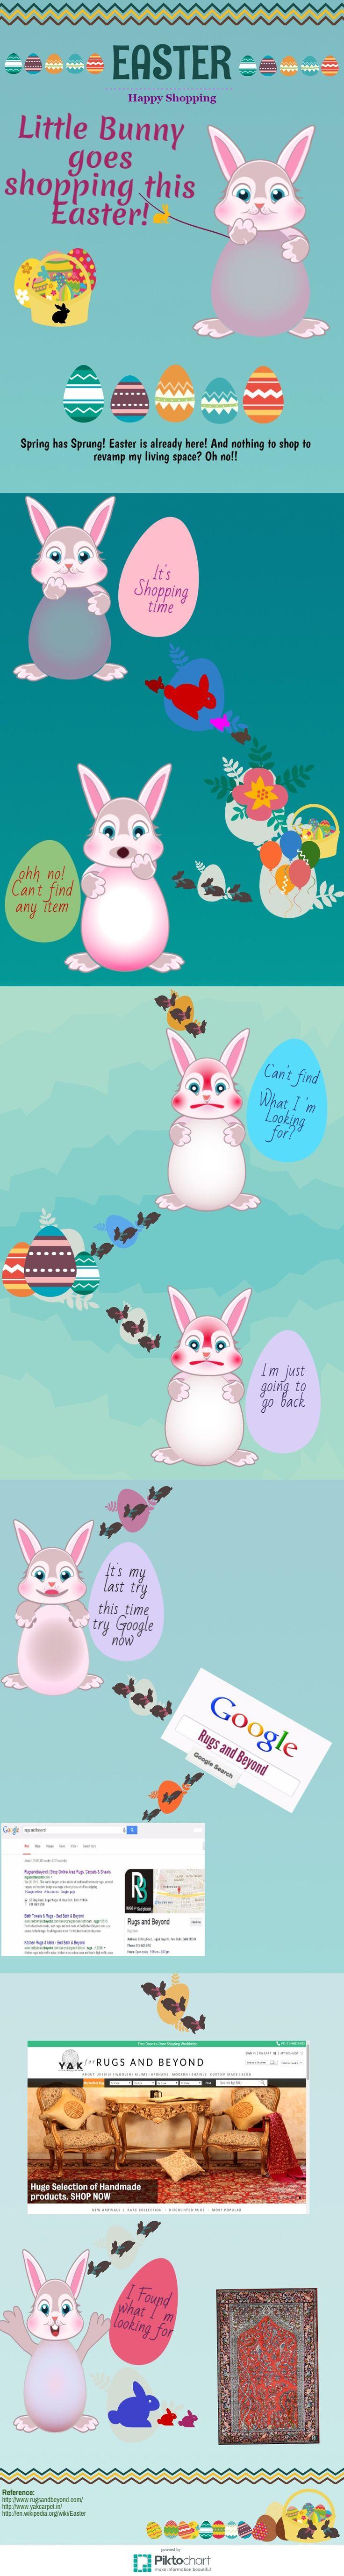 On this Holy Thursday, Little bunny goes shopping to celebrate #Easter.#EasterEggs #Shopping #Homedecor